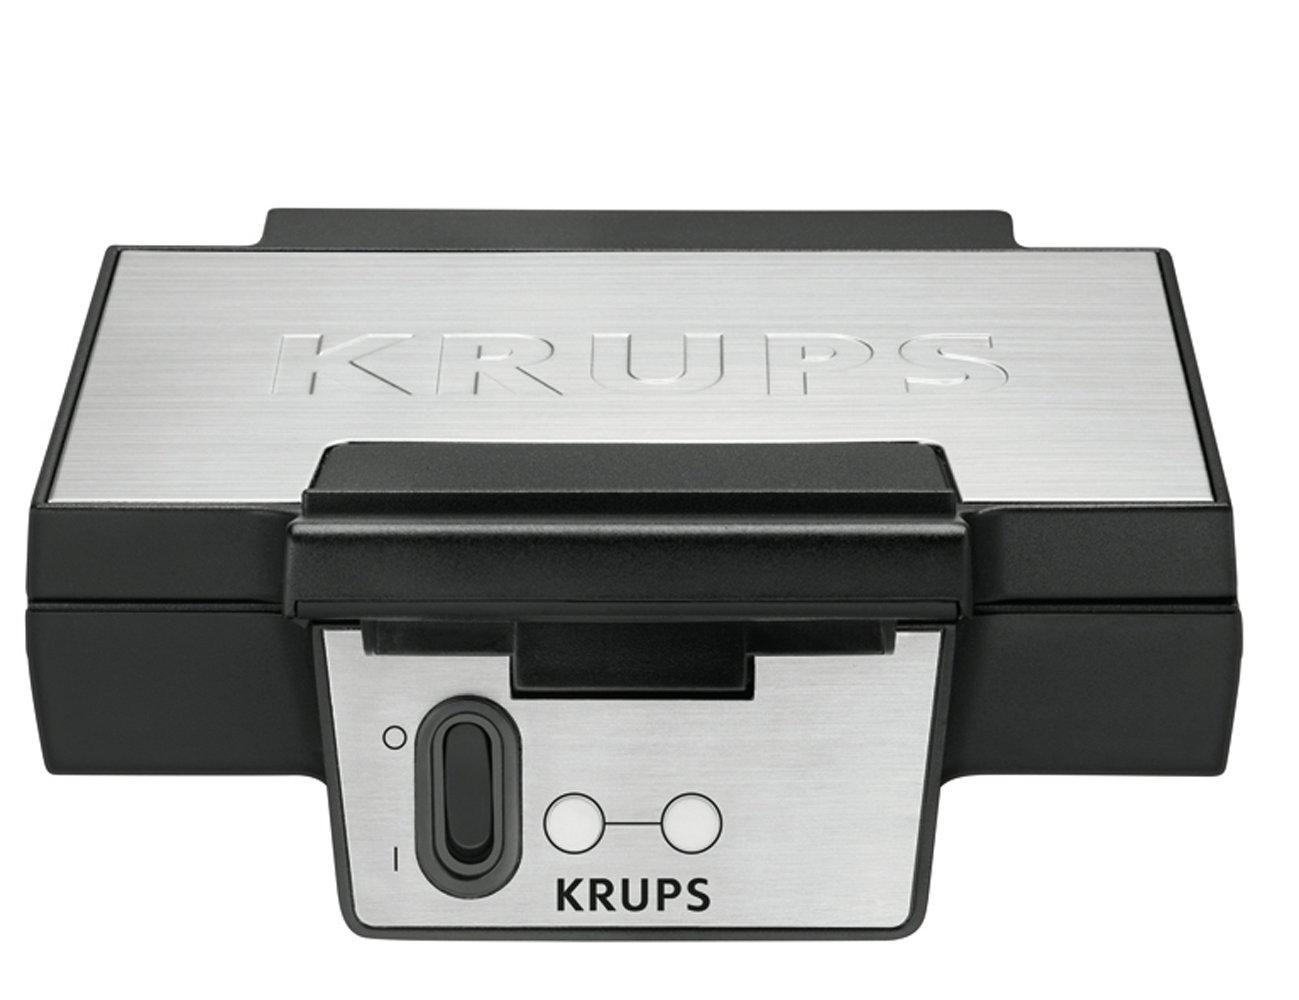 Krups FDK 251